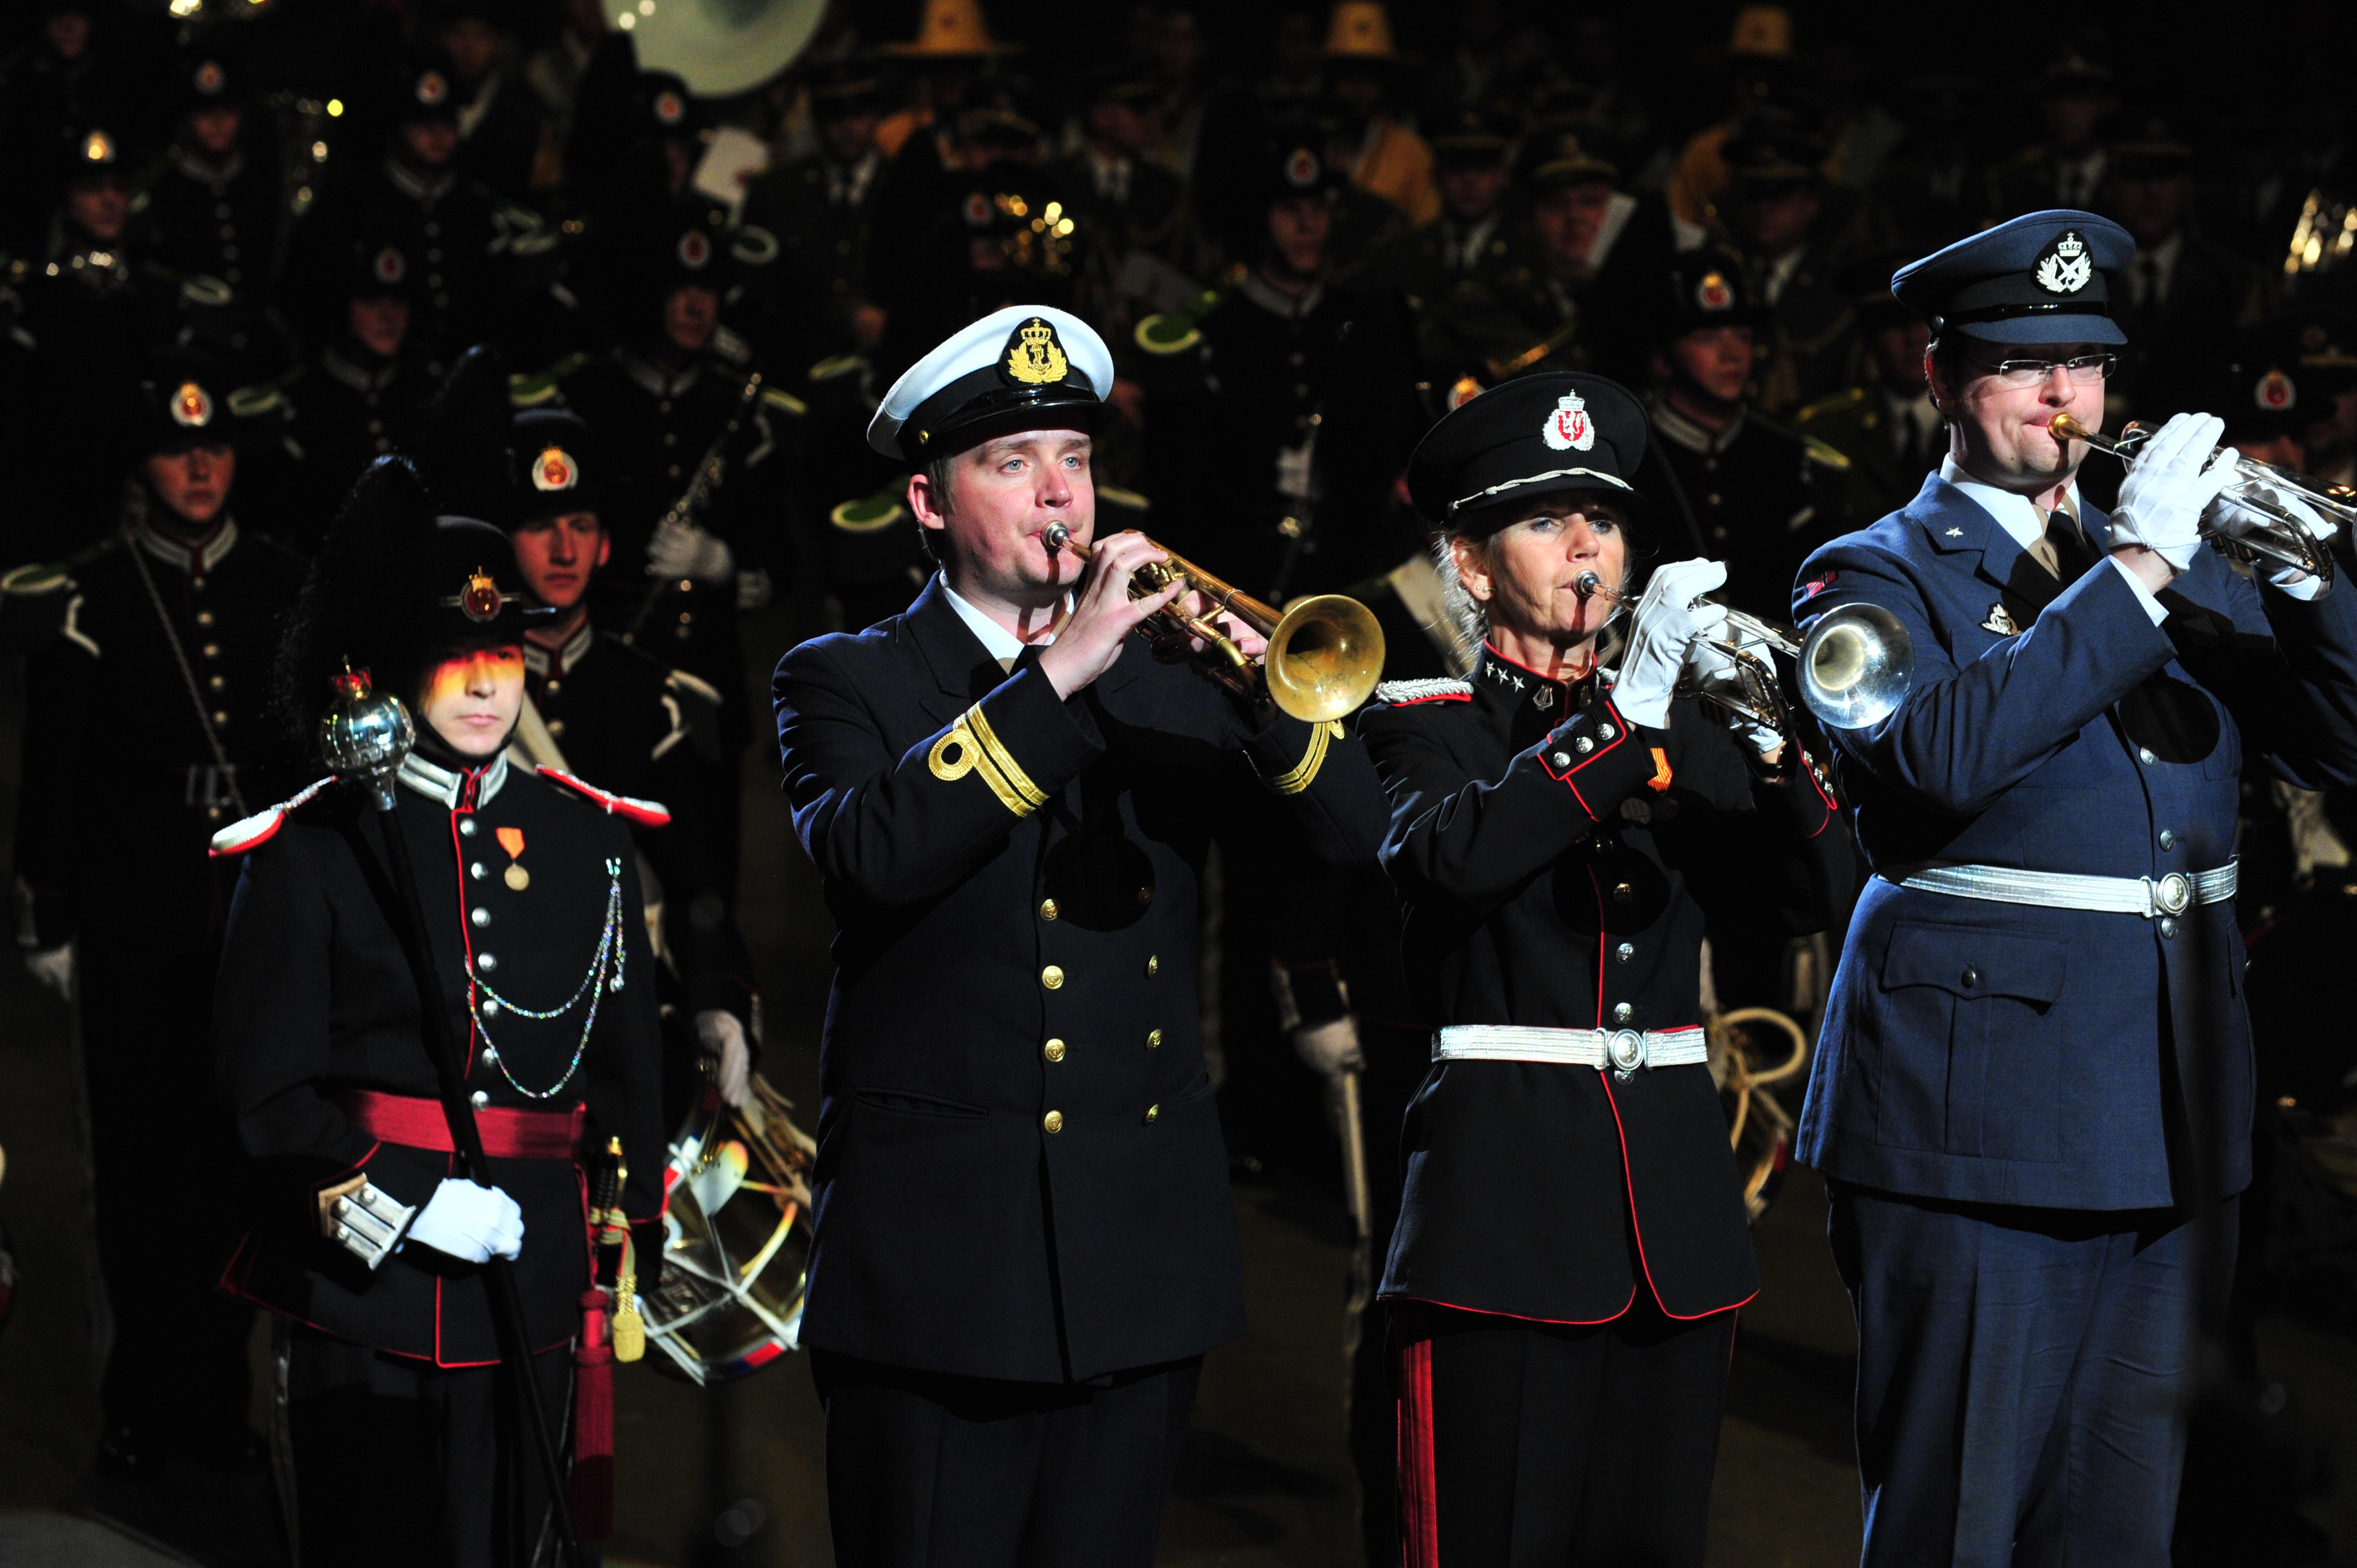 Forsvarets musikk - Wikipedia